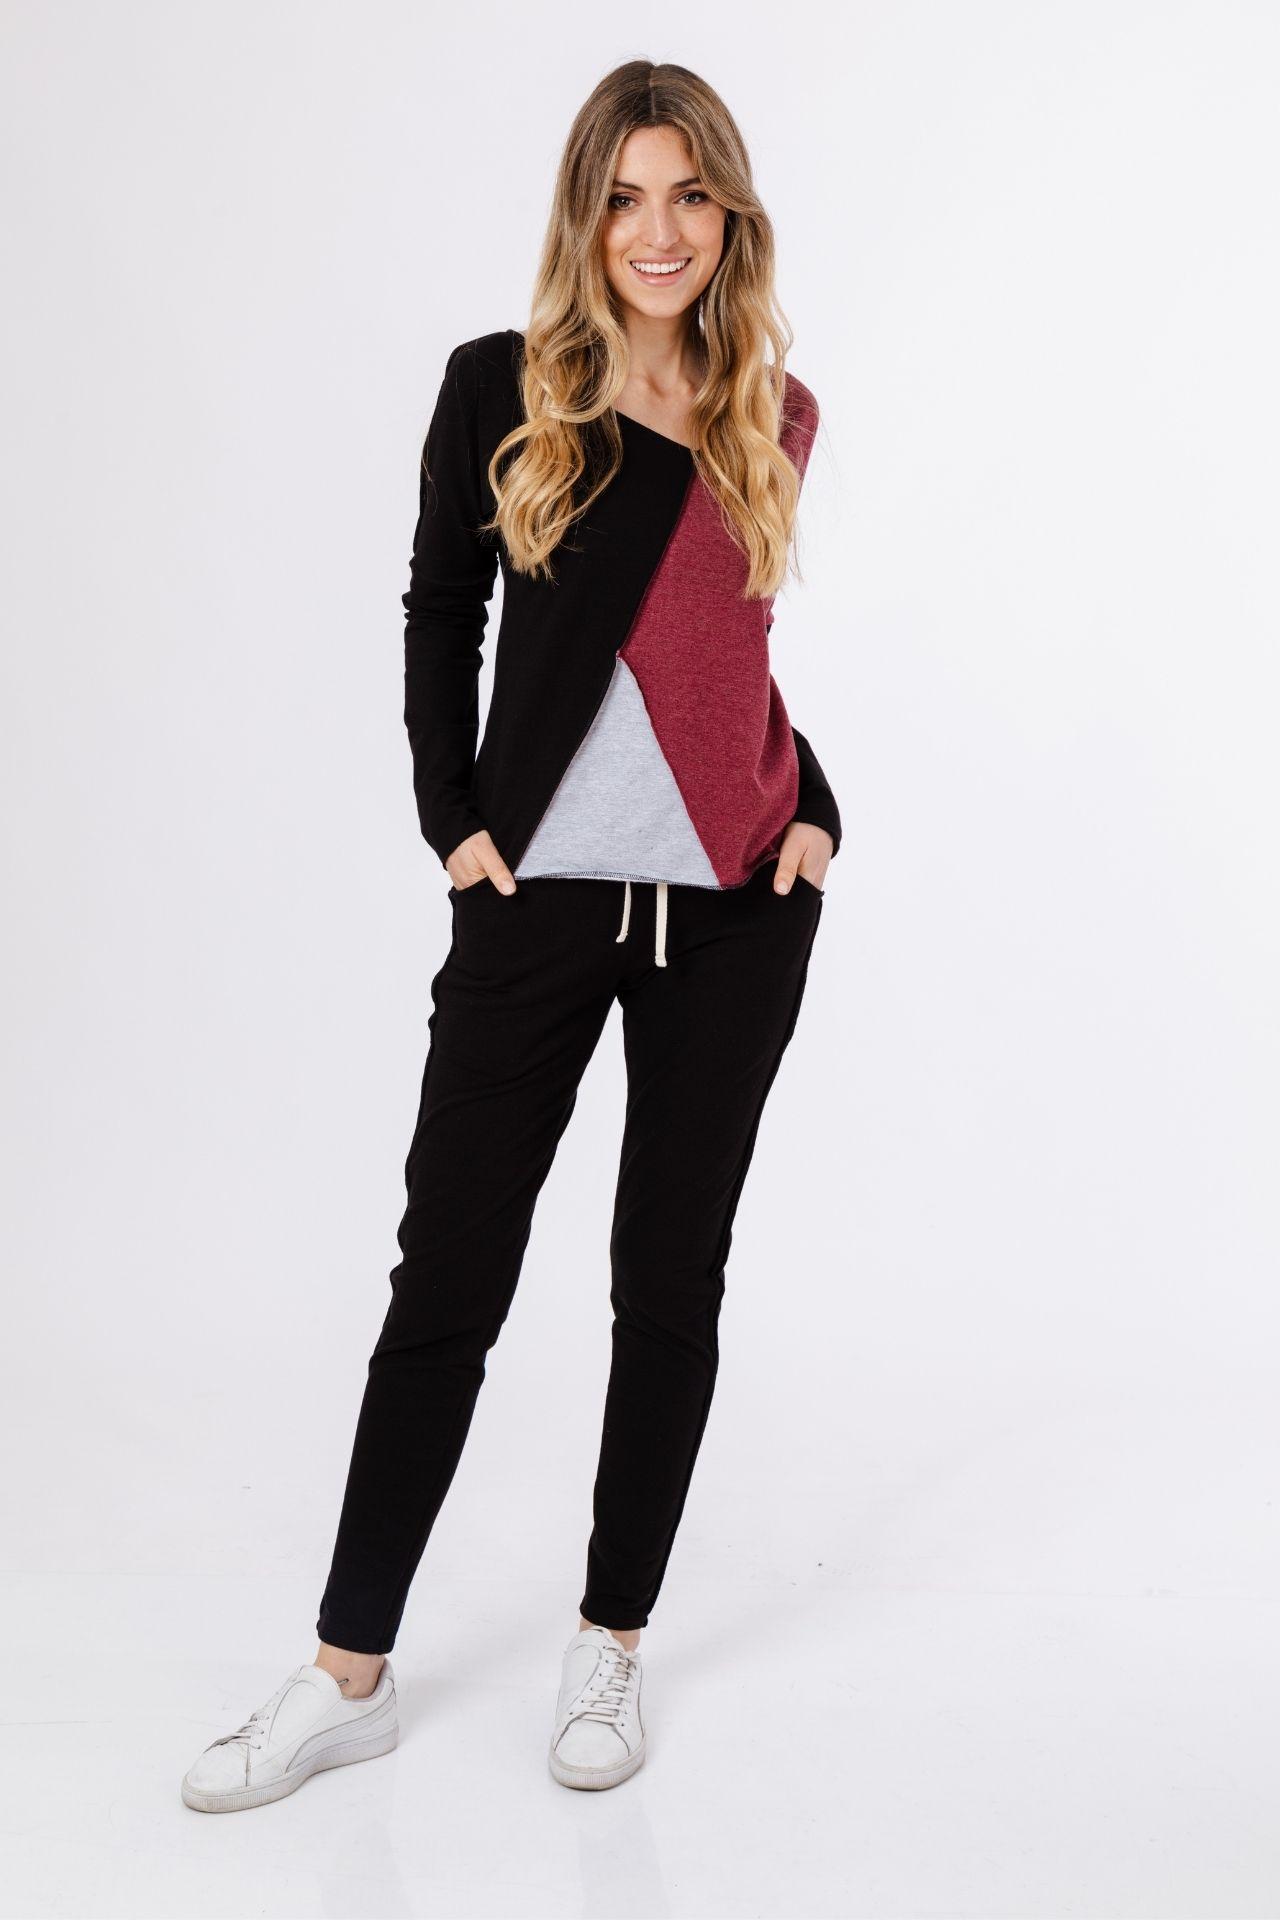 Sweter tricolor, suelto, altura cadera, cuello medio en v hacia un costado, pantalón con bolsillos y dos rayas al costado, muy ligero.  Medidas:  Polera:  Busto: 96cm  Cintura: 90cm  Largo cuello-abajo: 58cm  Manga: 67cm  Pantalón:  Cintura: 90 cm  Cadera: 94cm  Ancho pierna: 48cm  Largo: 97 cm